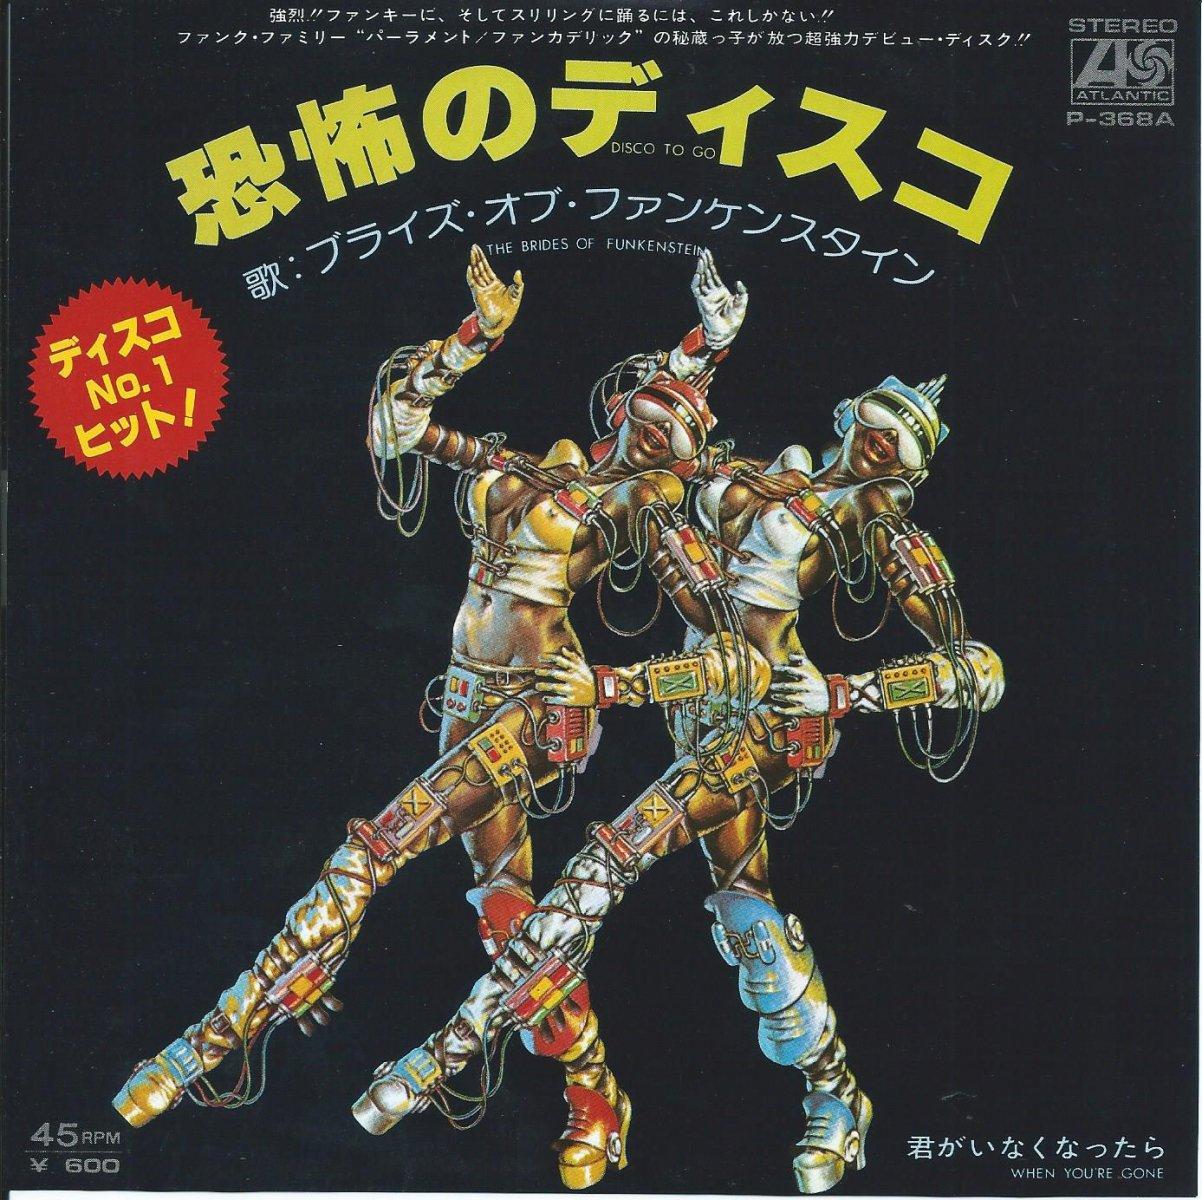 ブライズ・オブ・ファンケンスタイン THE BRIDES OF FUNKENSTEIN / 恐怖のディスコ DISCO TO GO (7